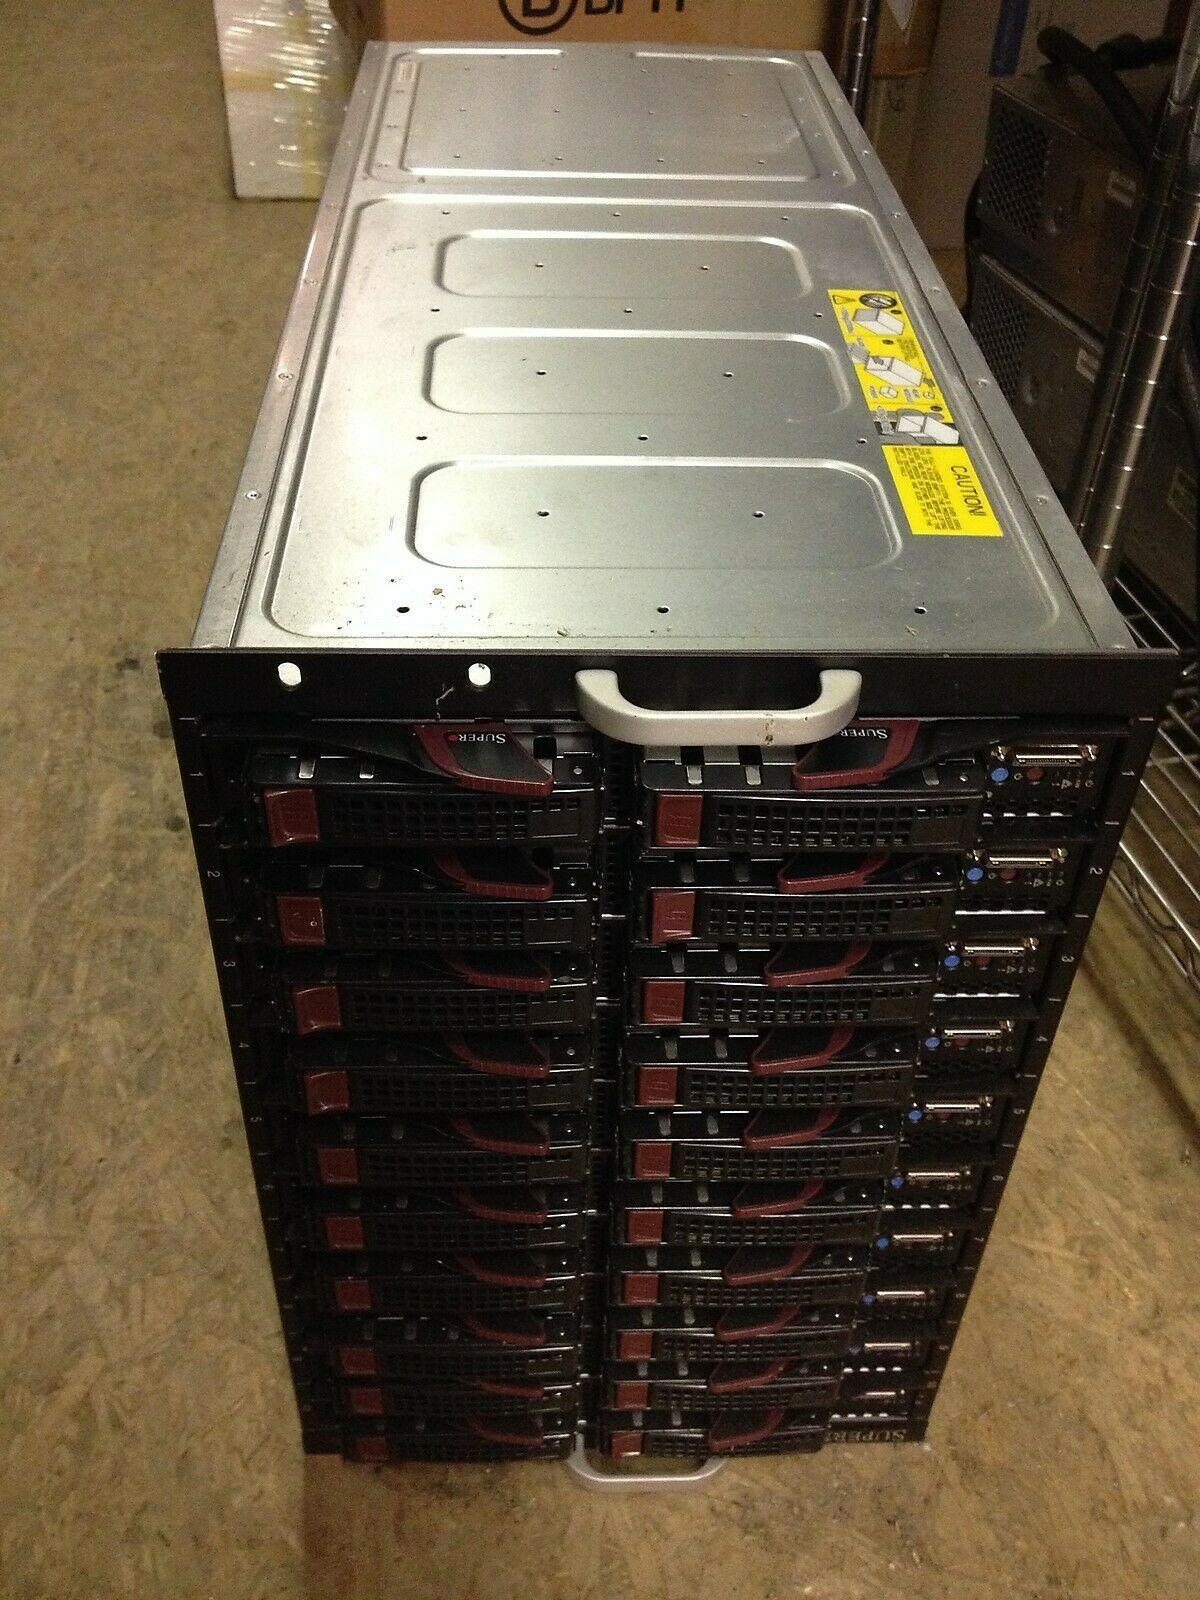 Supermicro SBE-710E-R60 / SBE / SBE-710E-D40 10 Blade Server - $5,000.00